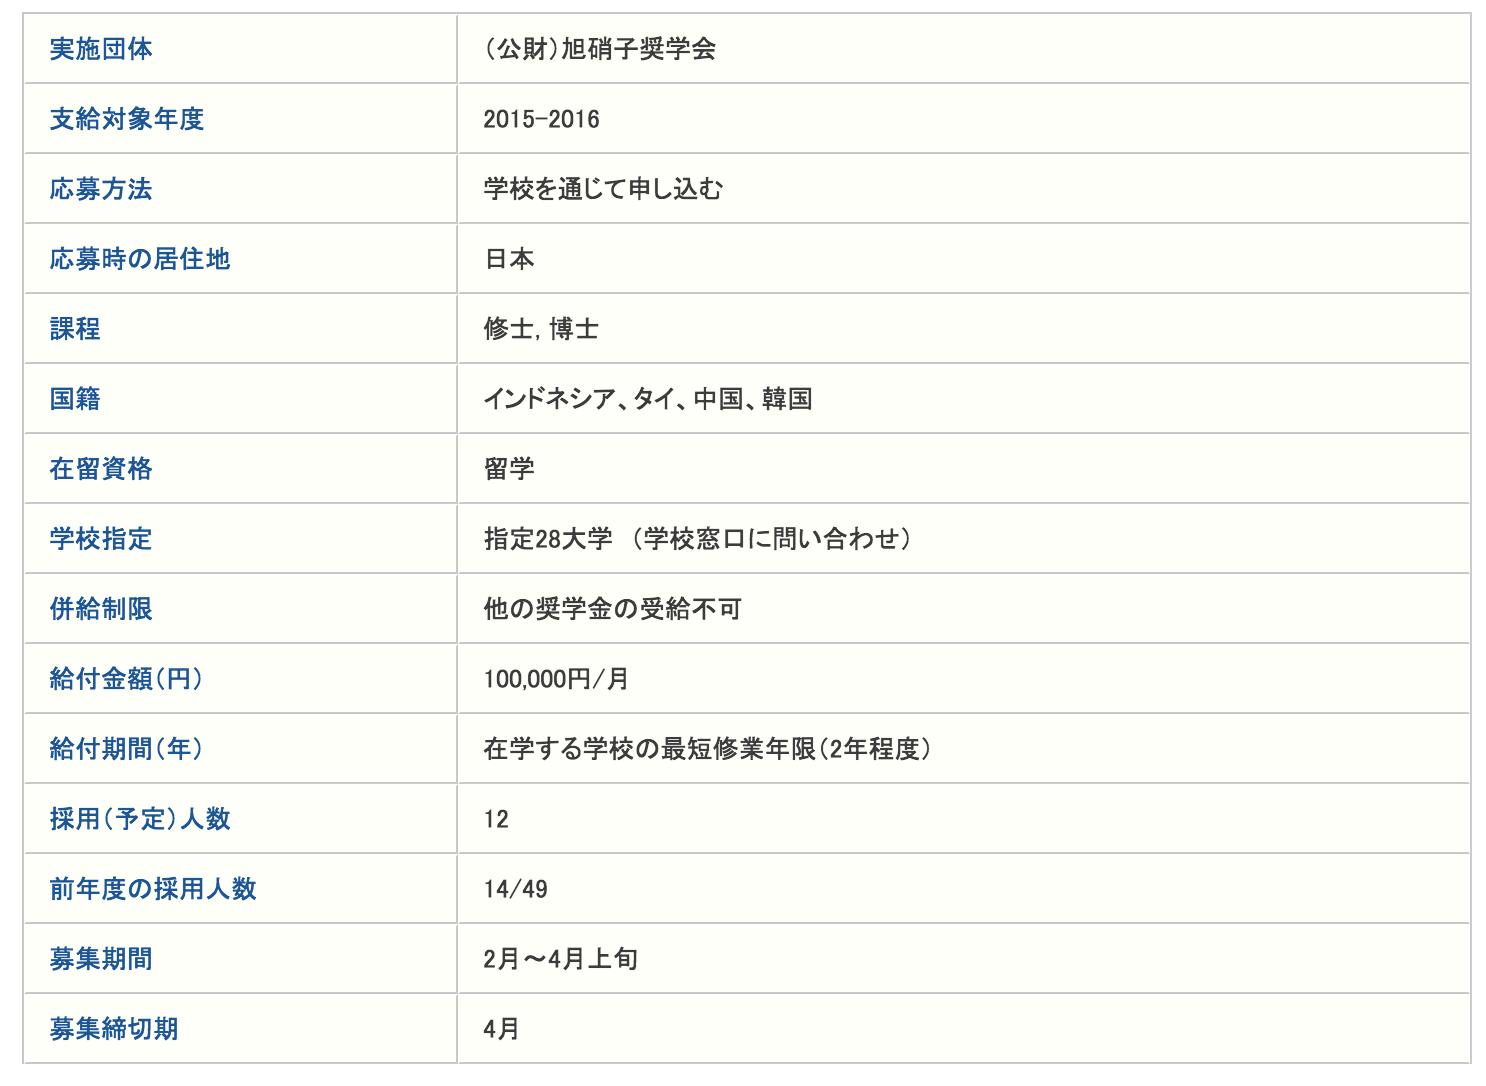 スクリーンショット 2016-02-26 13.56.39